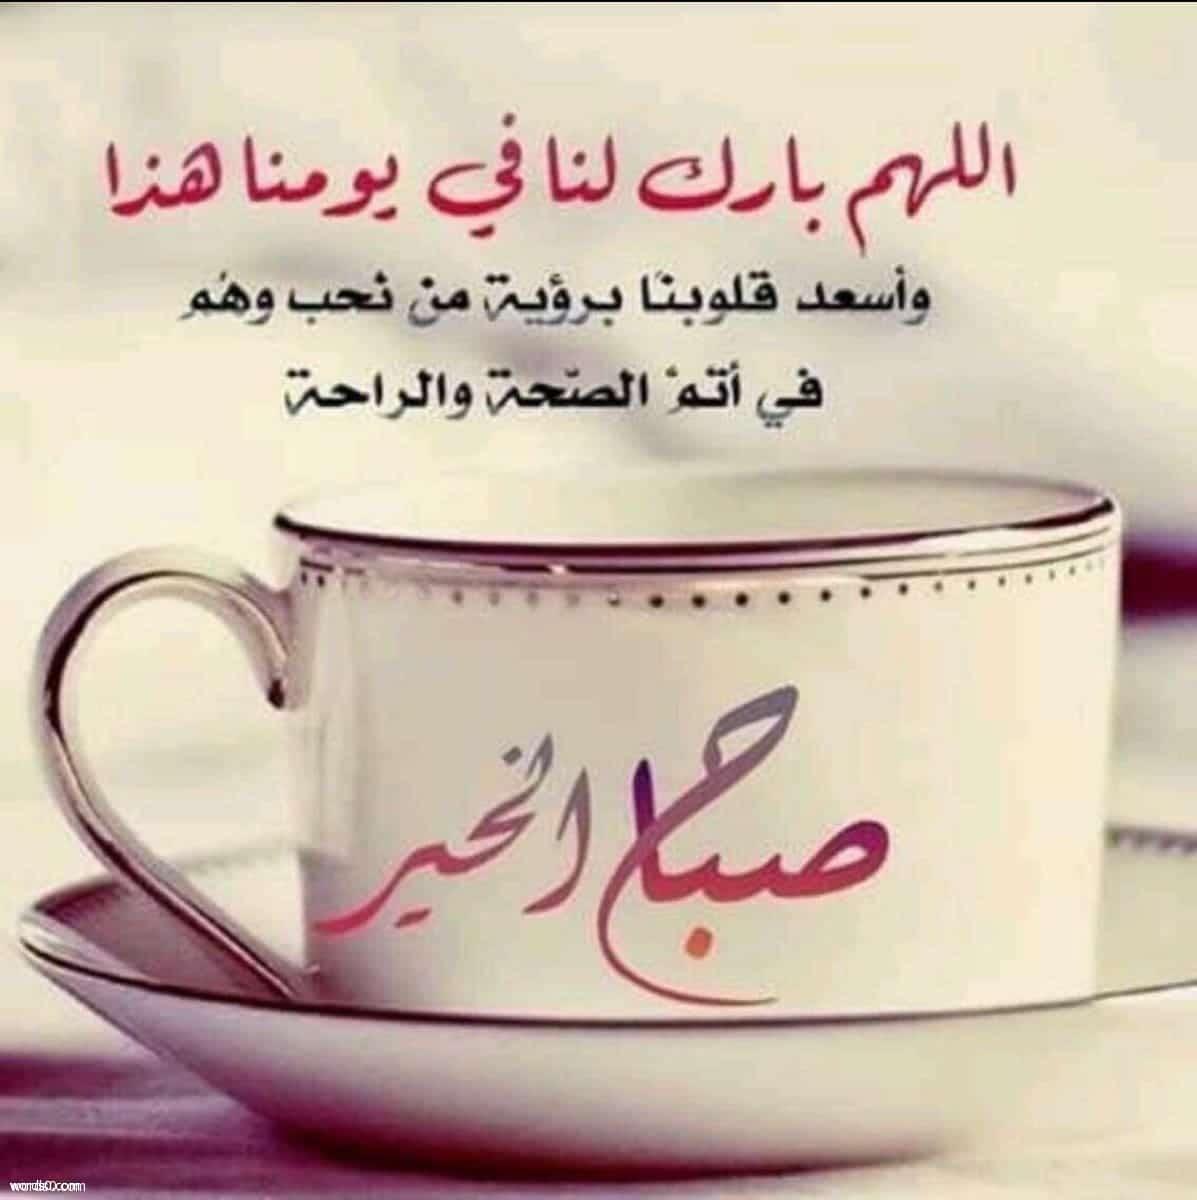 صورة كلمات صباح الخير للحبيب , عبارات حب تقال في الصباح